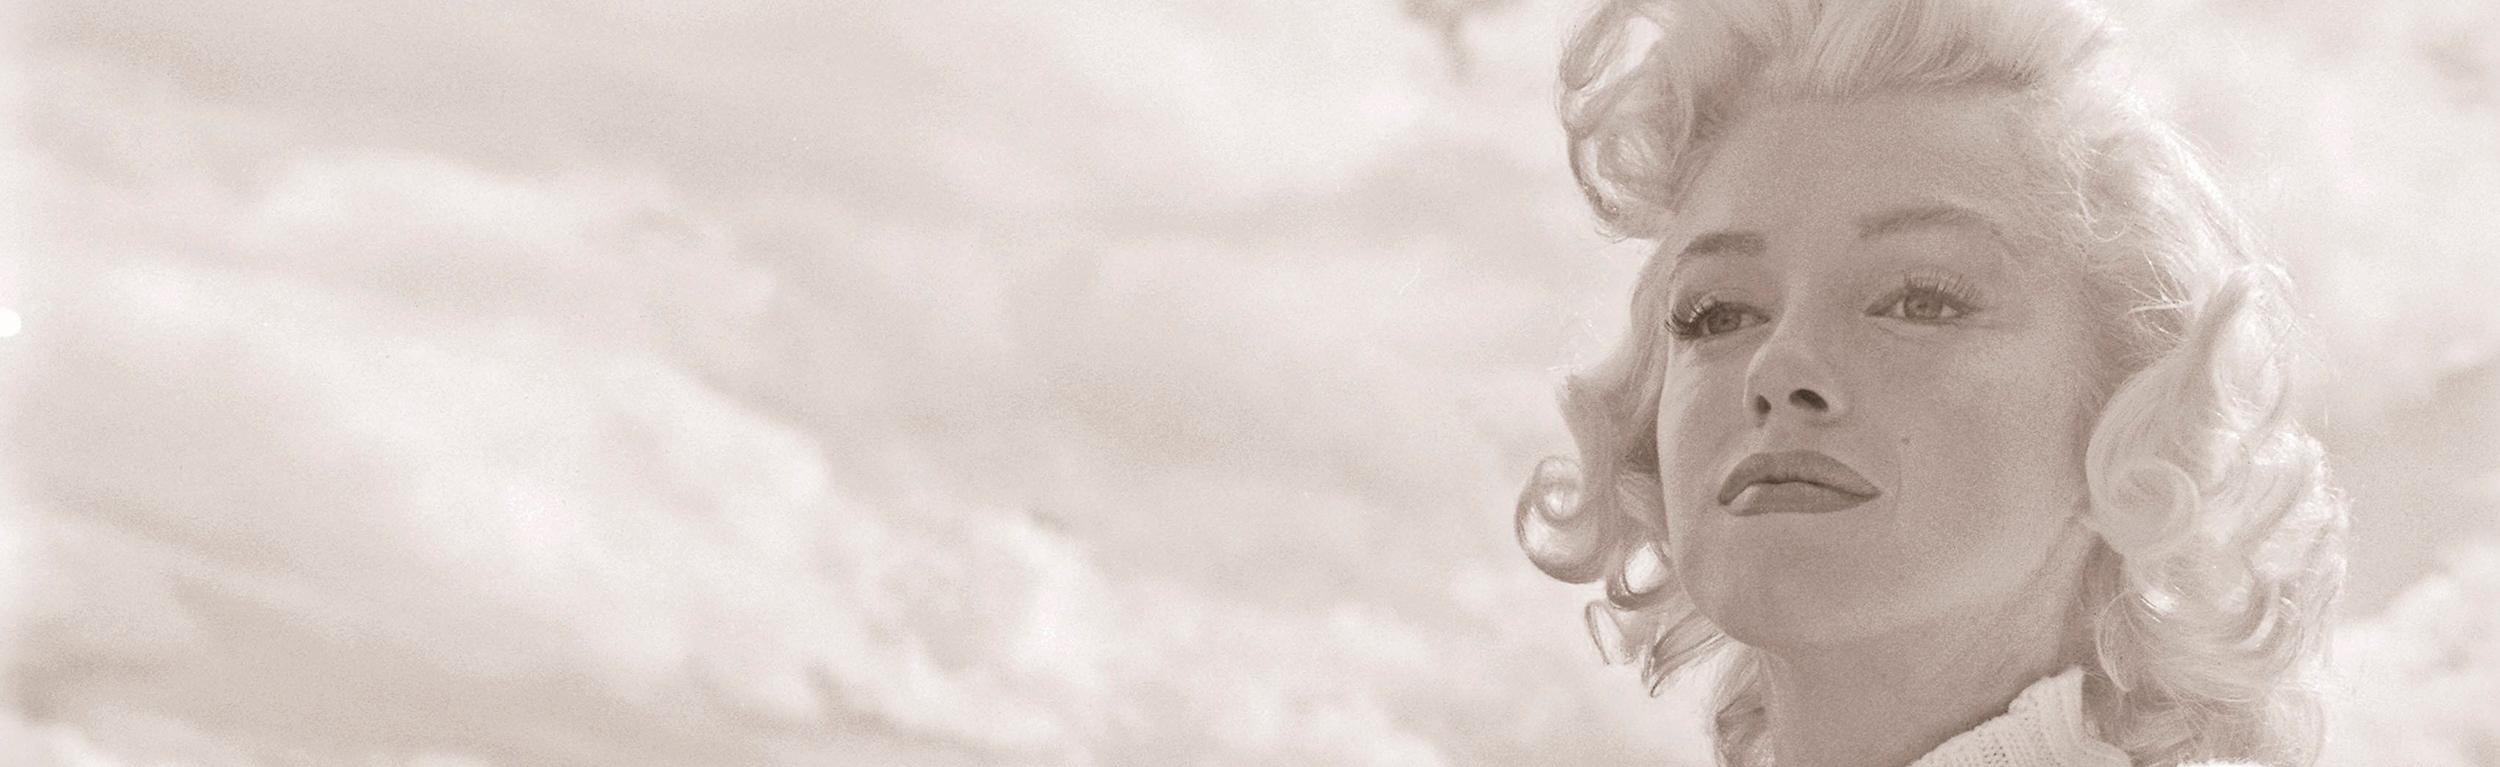 Al estilo Marilyn Monroe